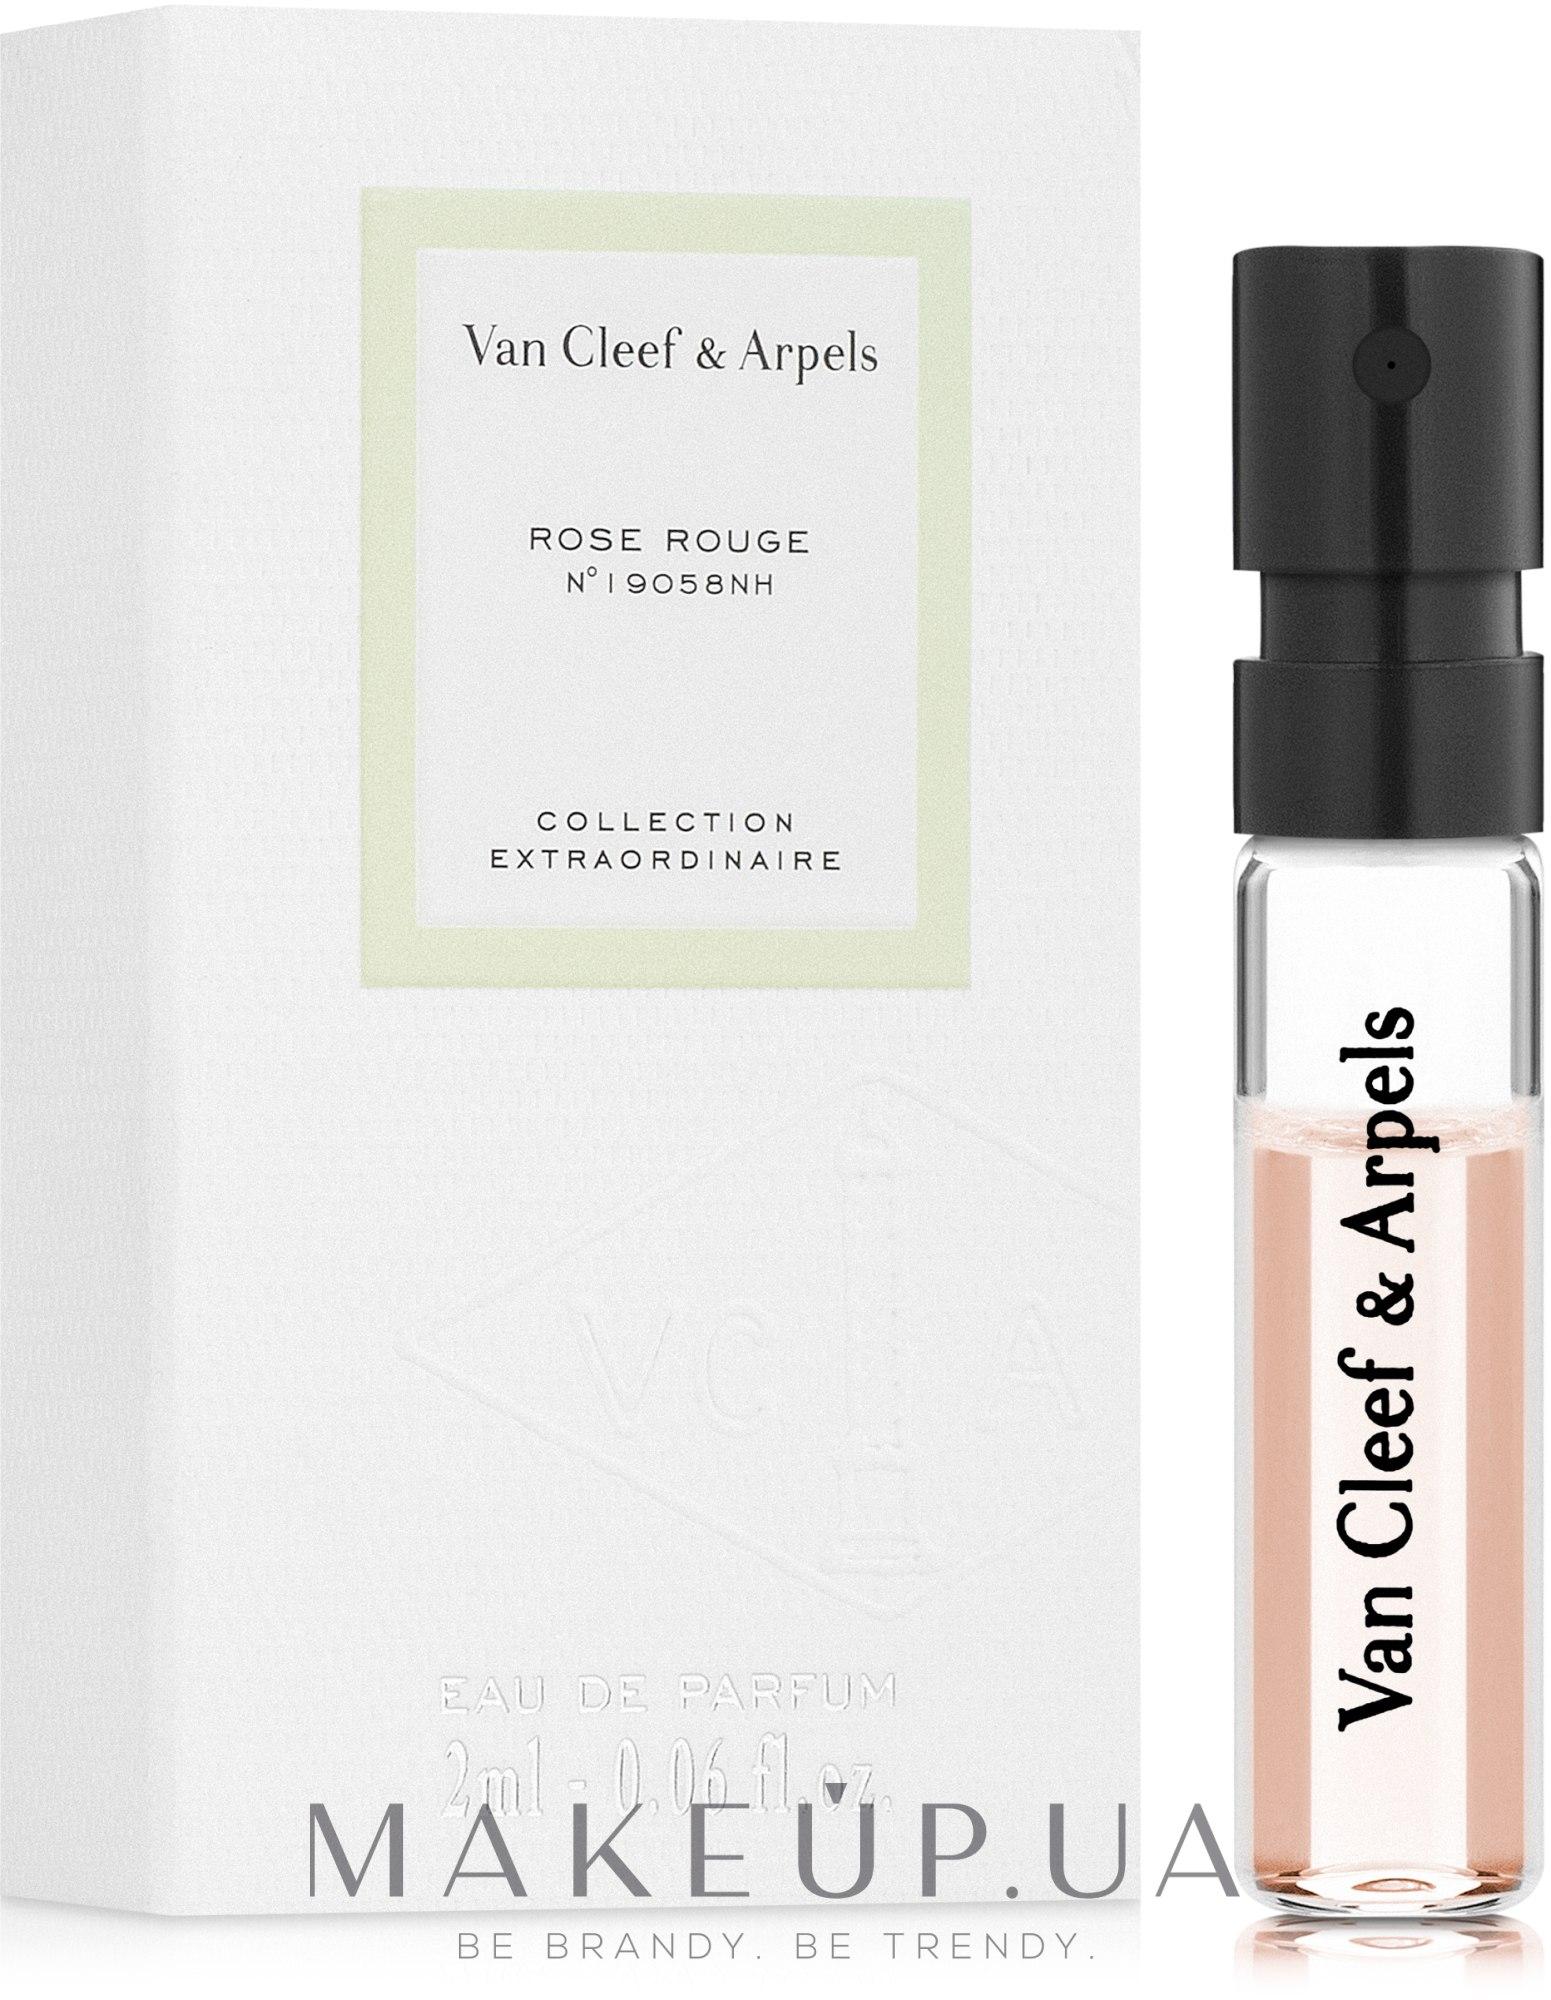 Van Cleef & Arpels Collection Extraordinaire Rose Rouge - Парфюмированная вода (пробник): купить по лучшей цене в Украине - MAKEUP